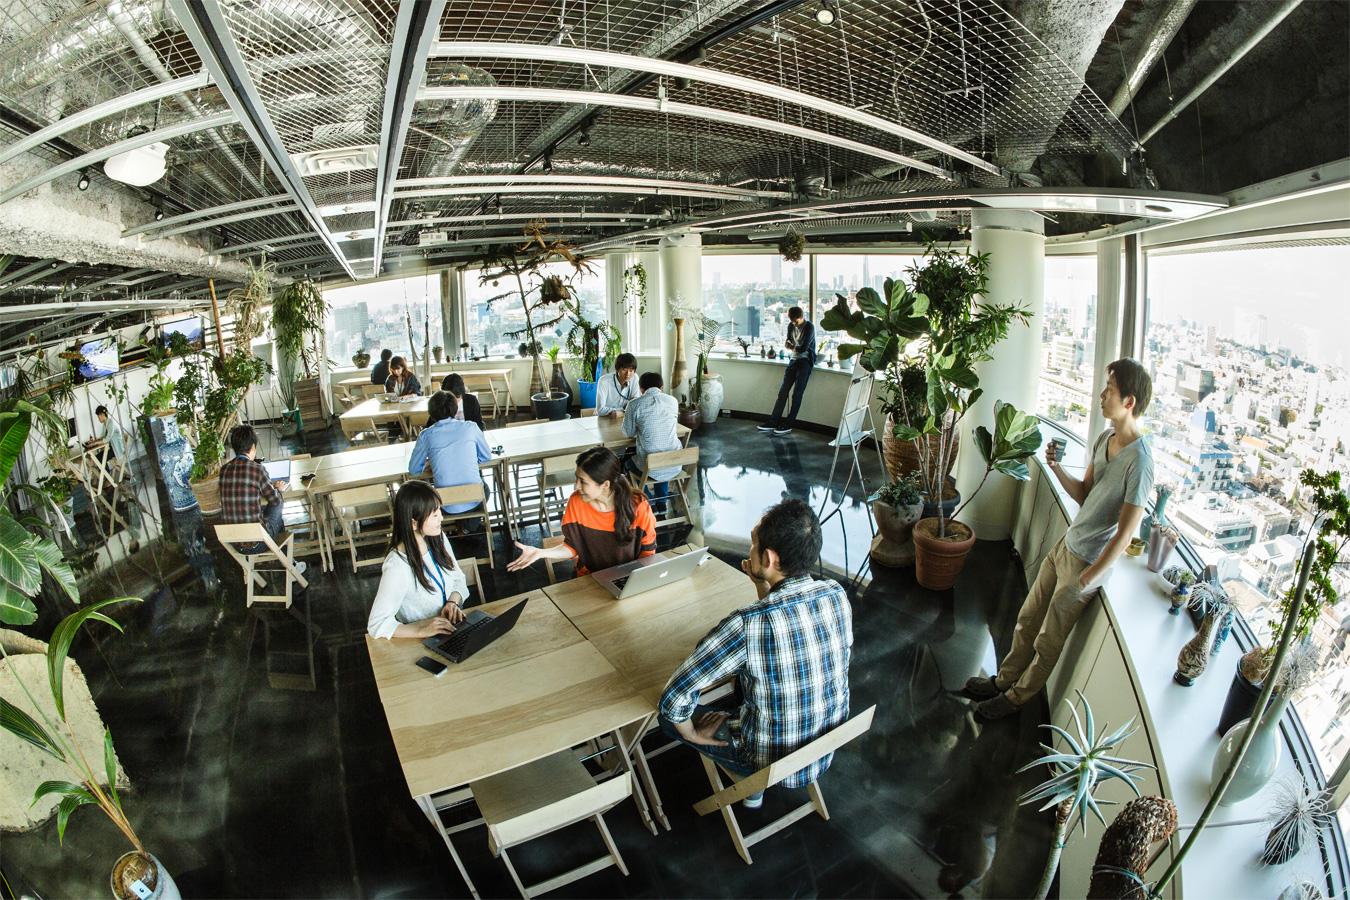 東京・表参道本社とのコミュニケーションはオンライン、オフラインの両方でとっていると辰濱さん。